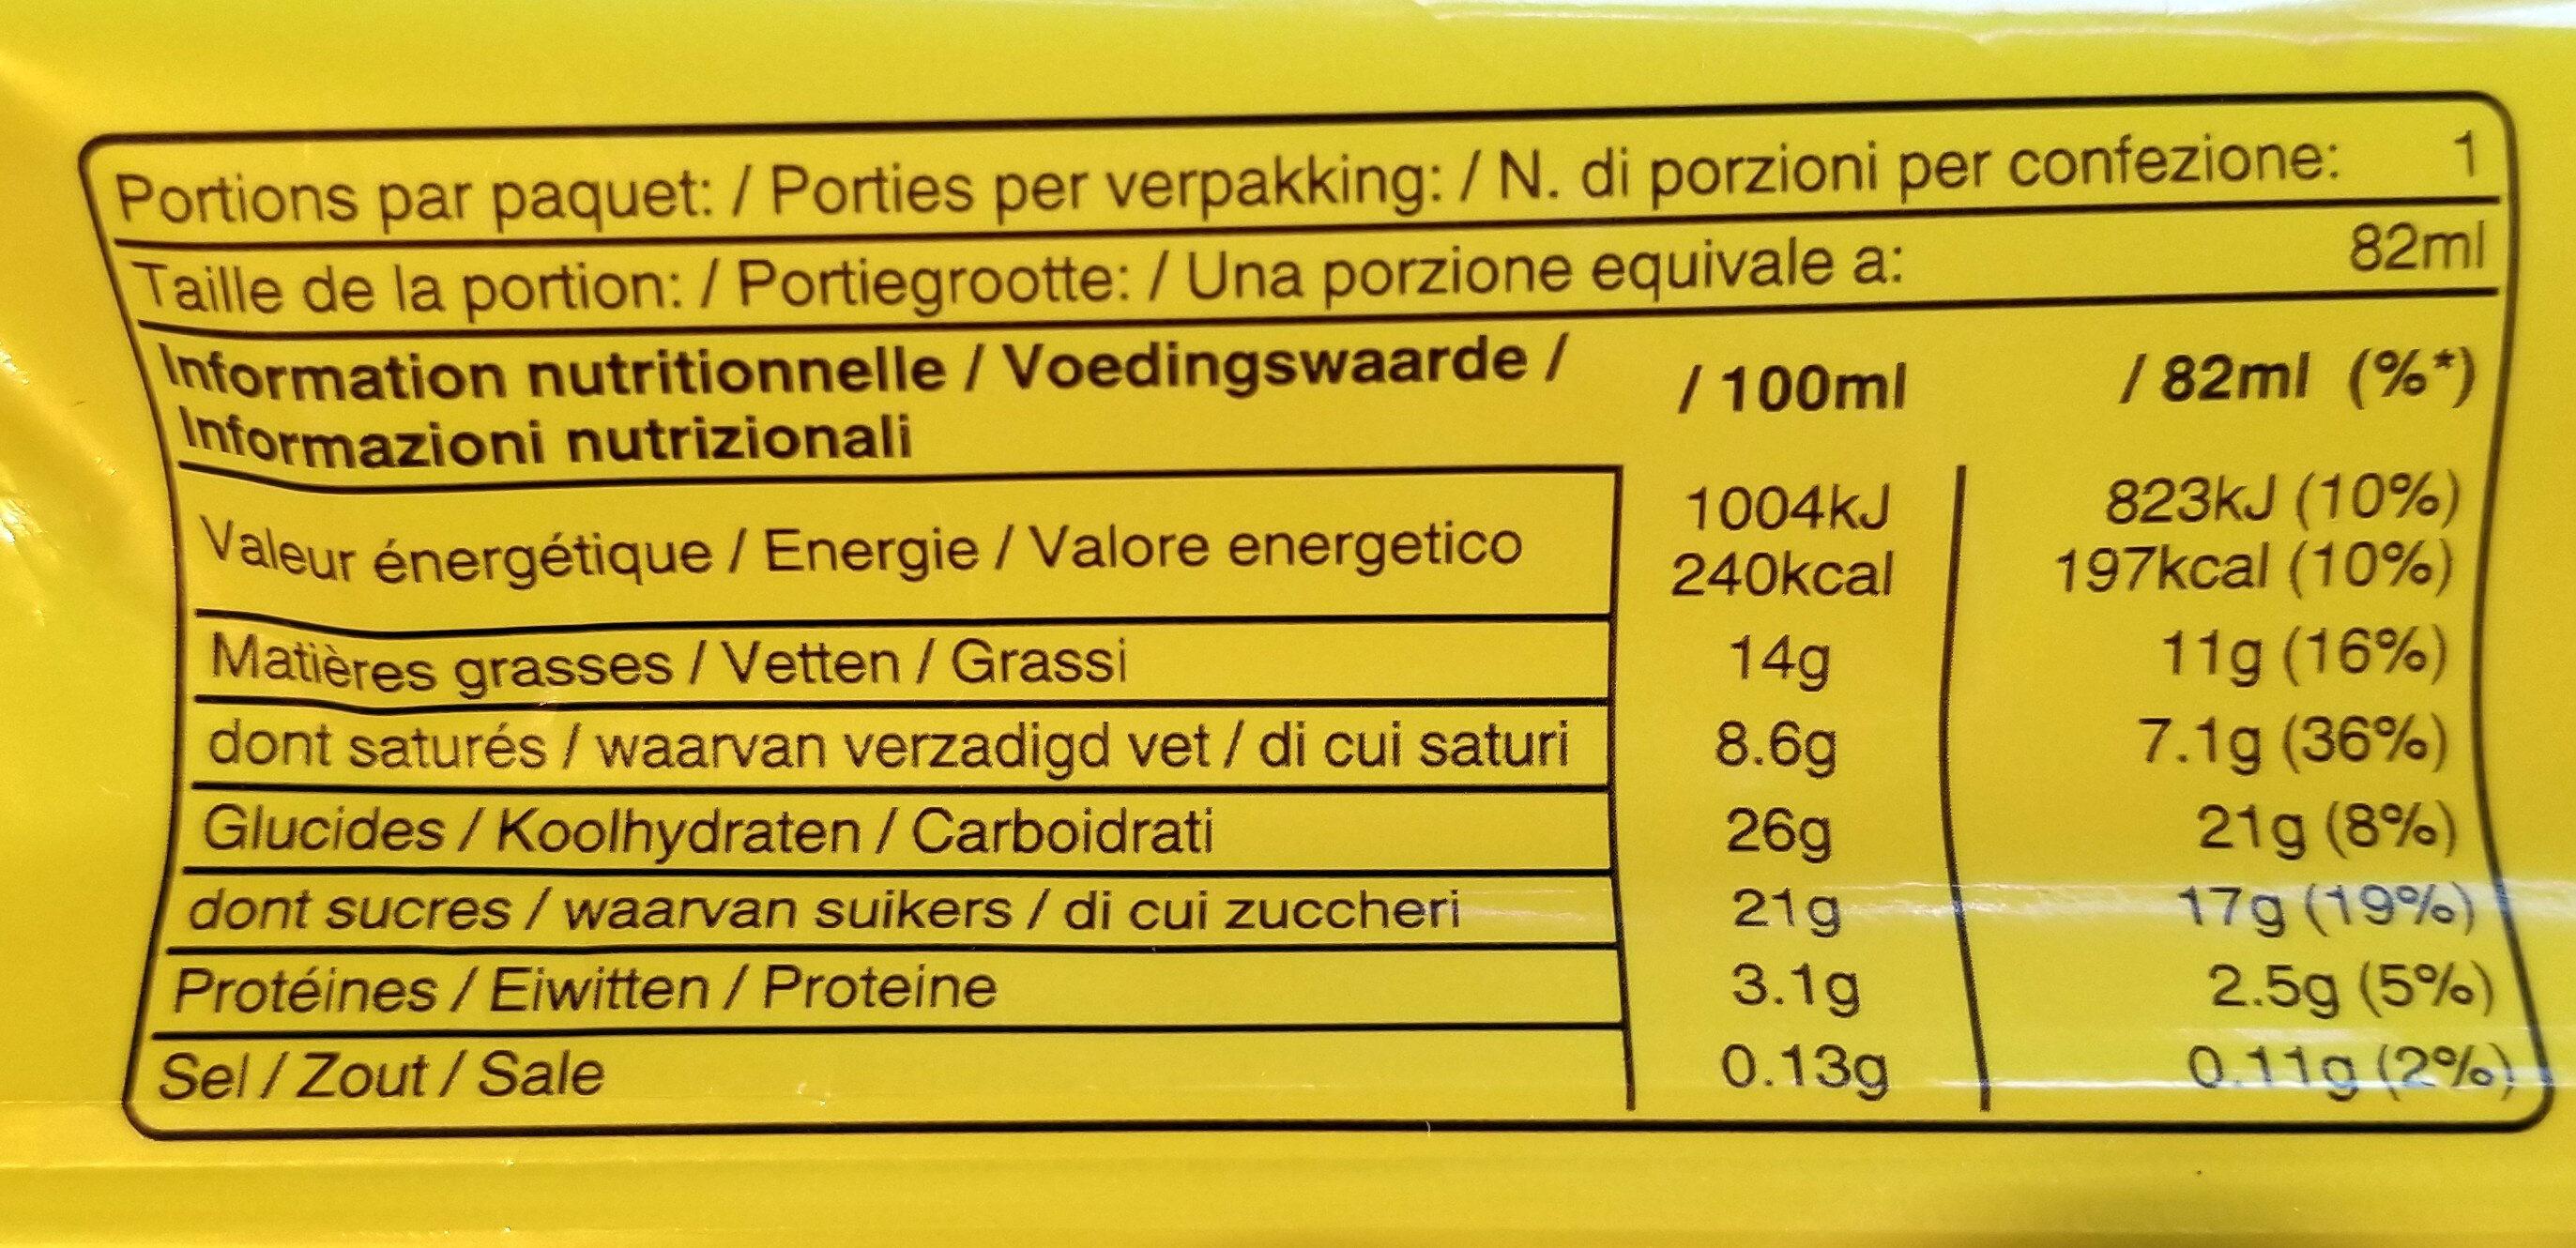 Ice cream - Wartości odżywcze - pl